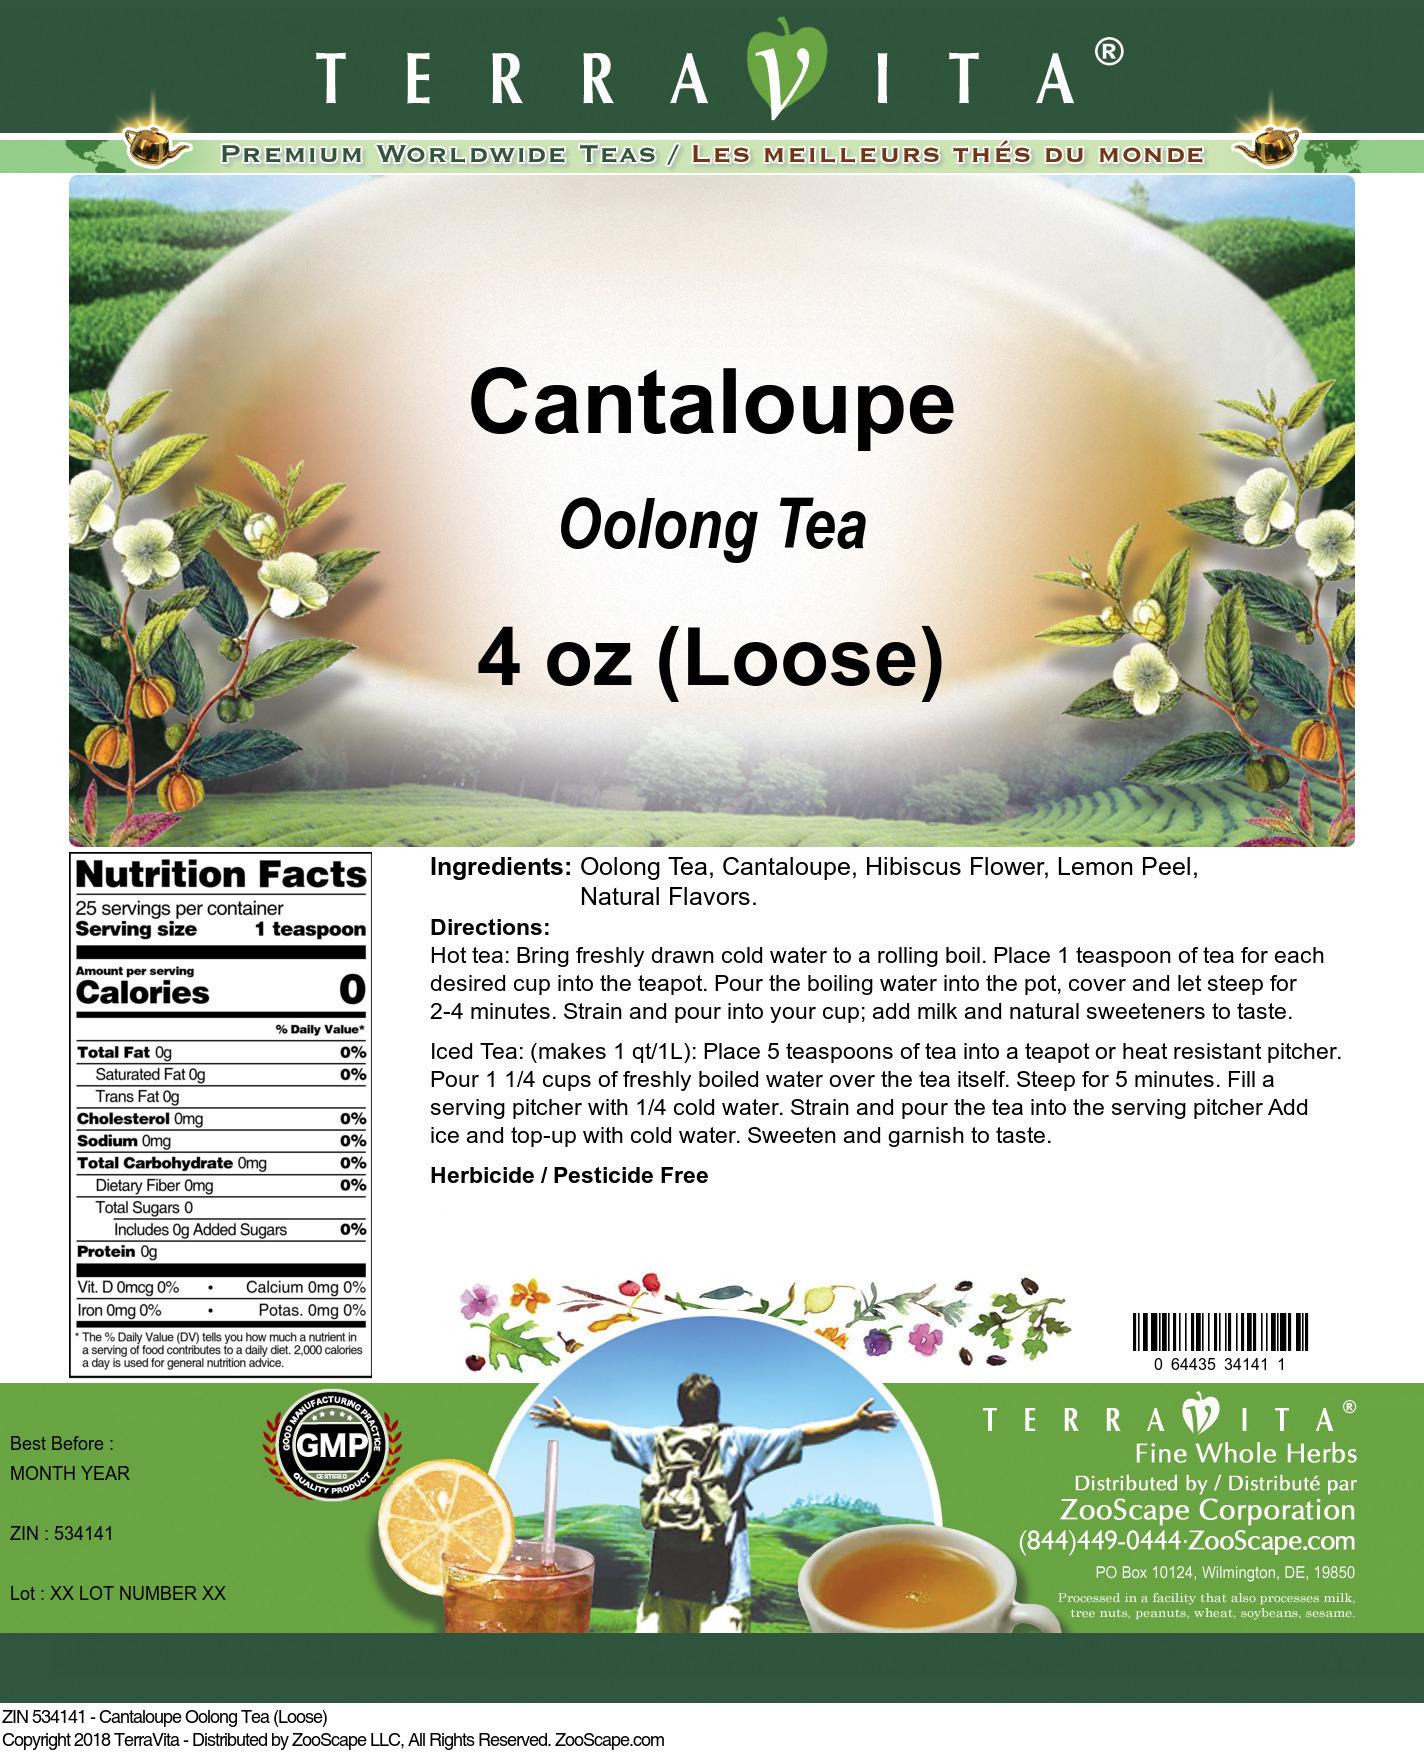 Cantaloupe Oolong Tea (Loose)